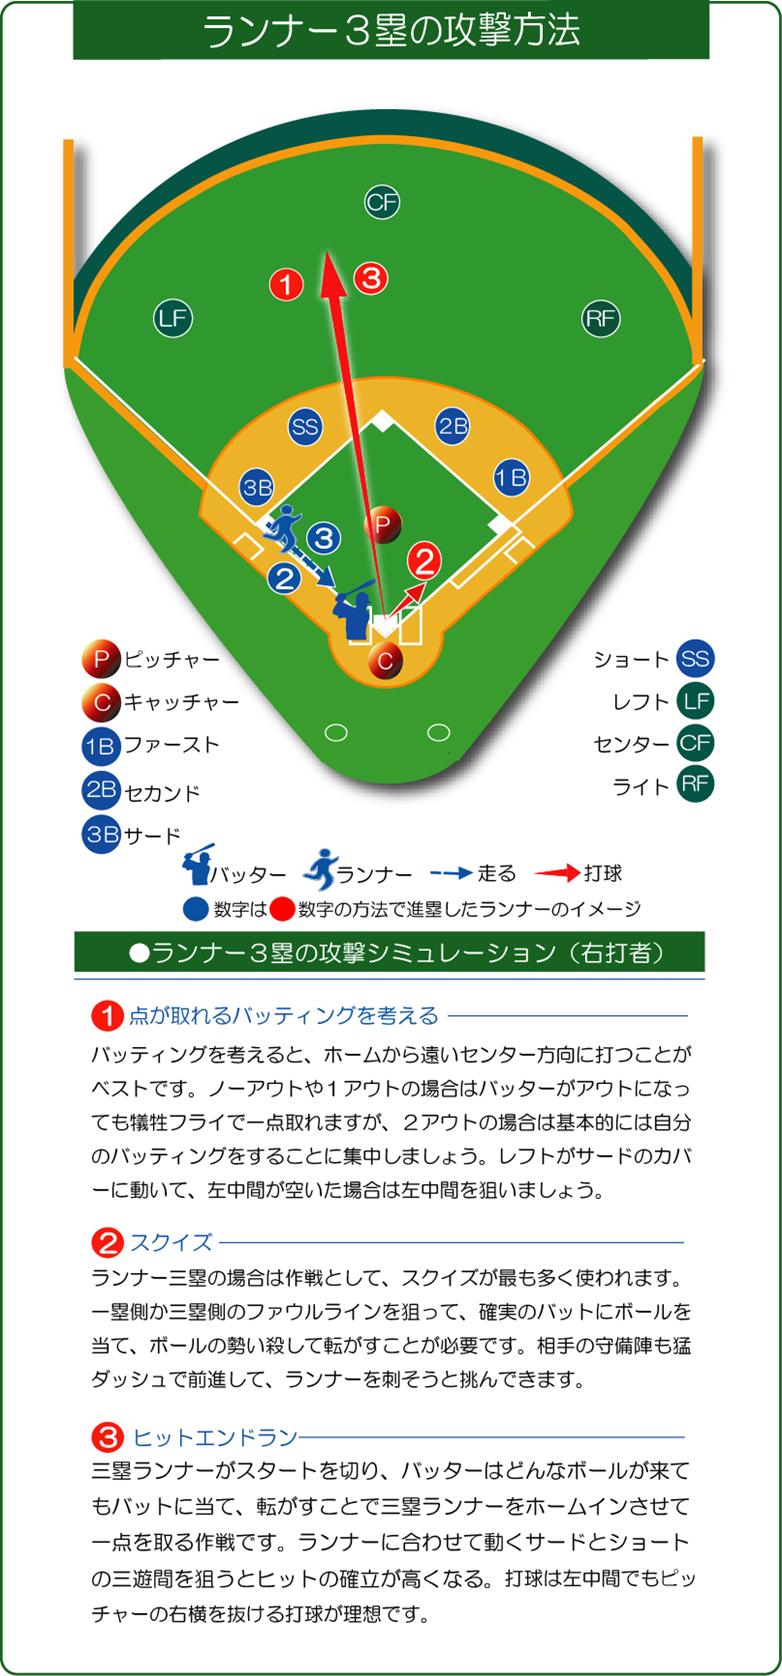 ランナー3塁の場合の攻撃方法の図解説明